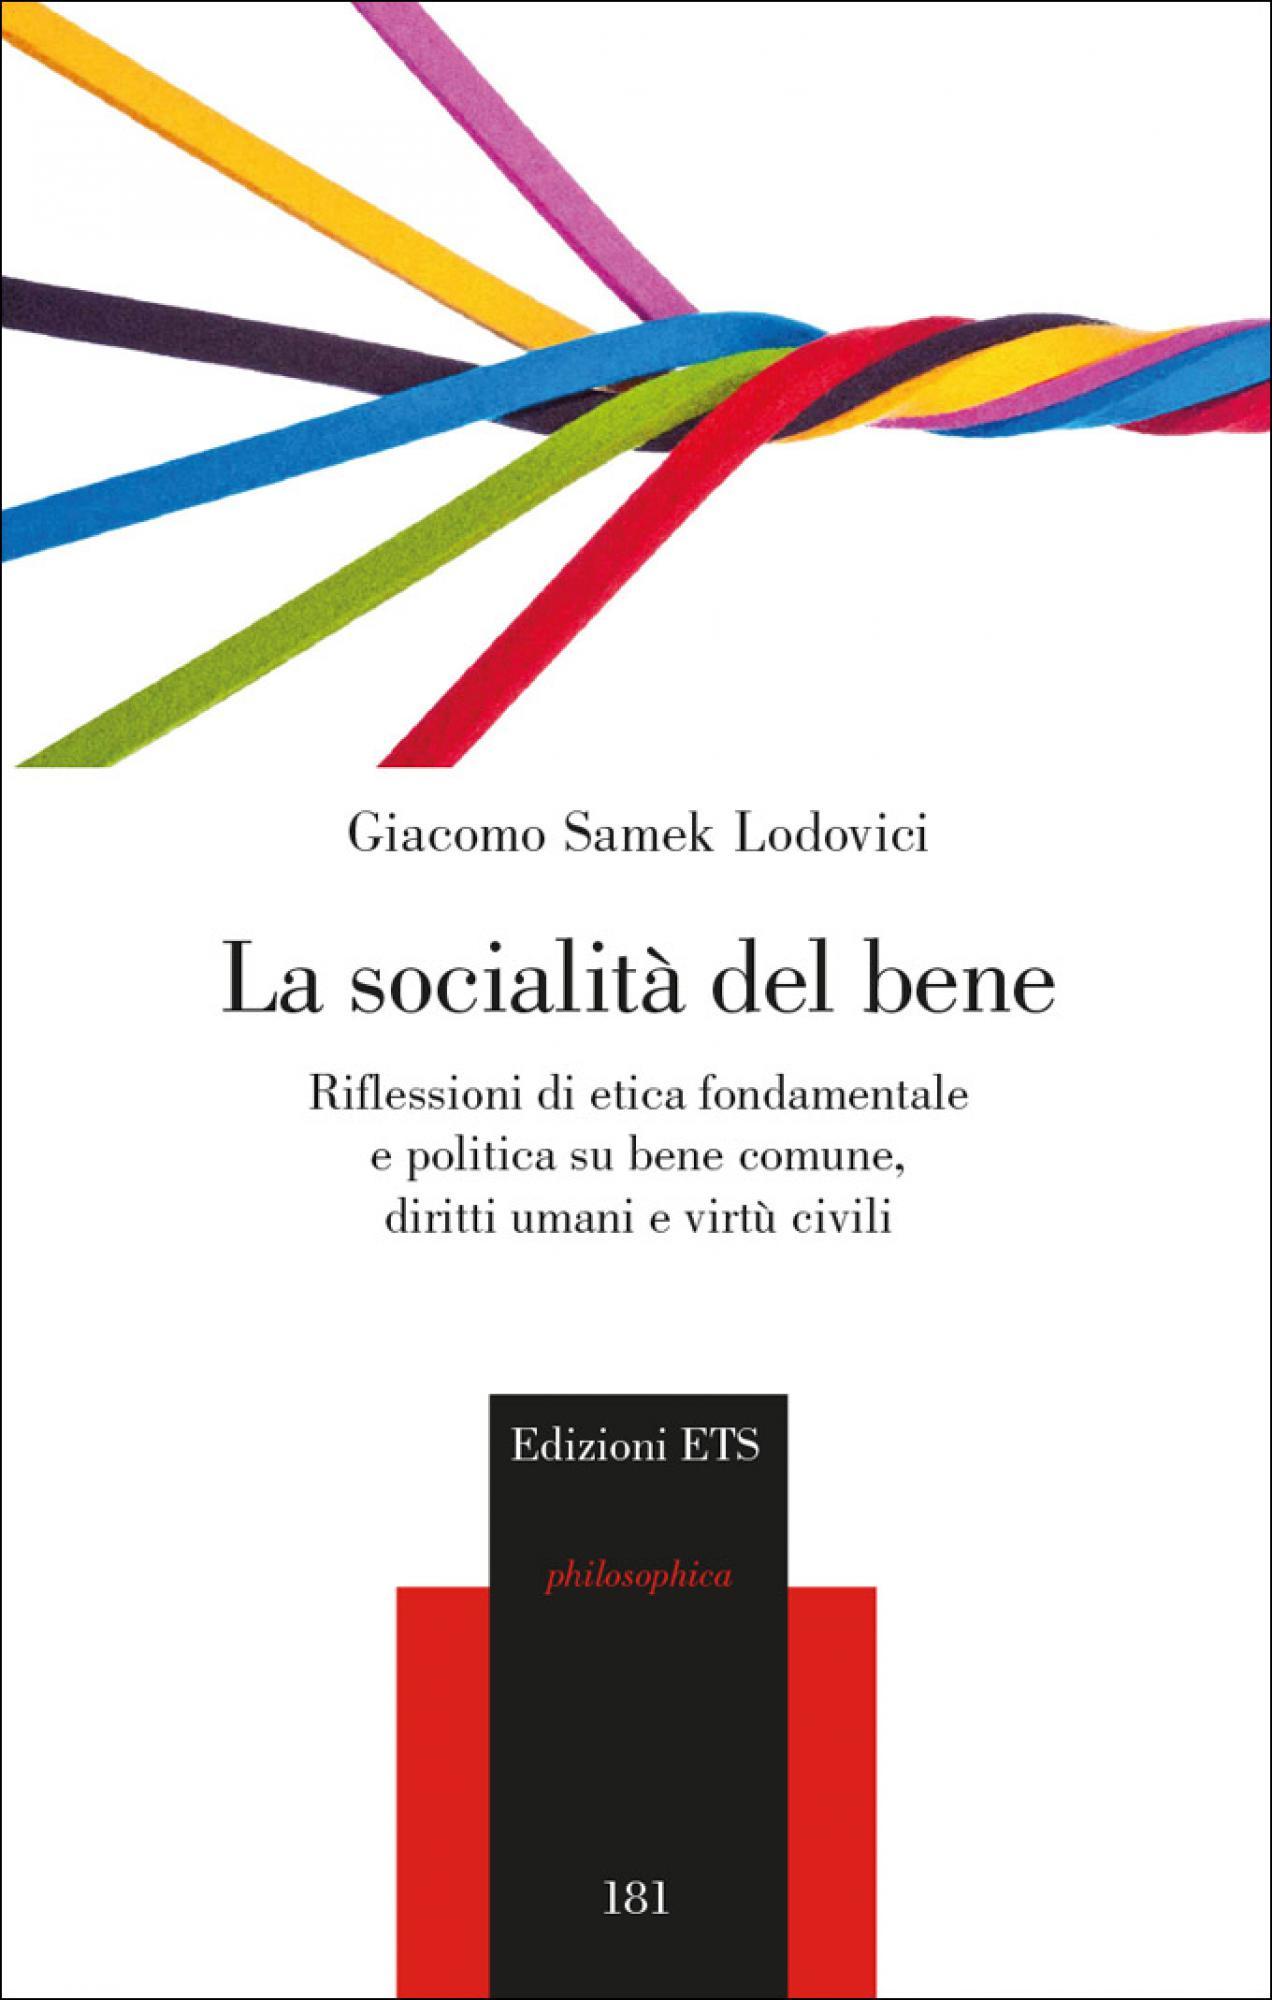 La socialità del bene.Riflessioni di etica fondamentale e politica su bene comune, diritti umani e virtù civili